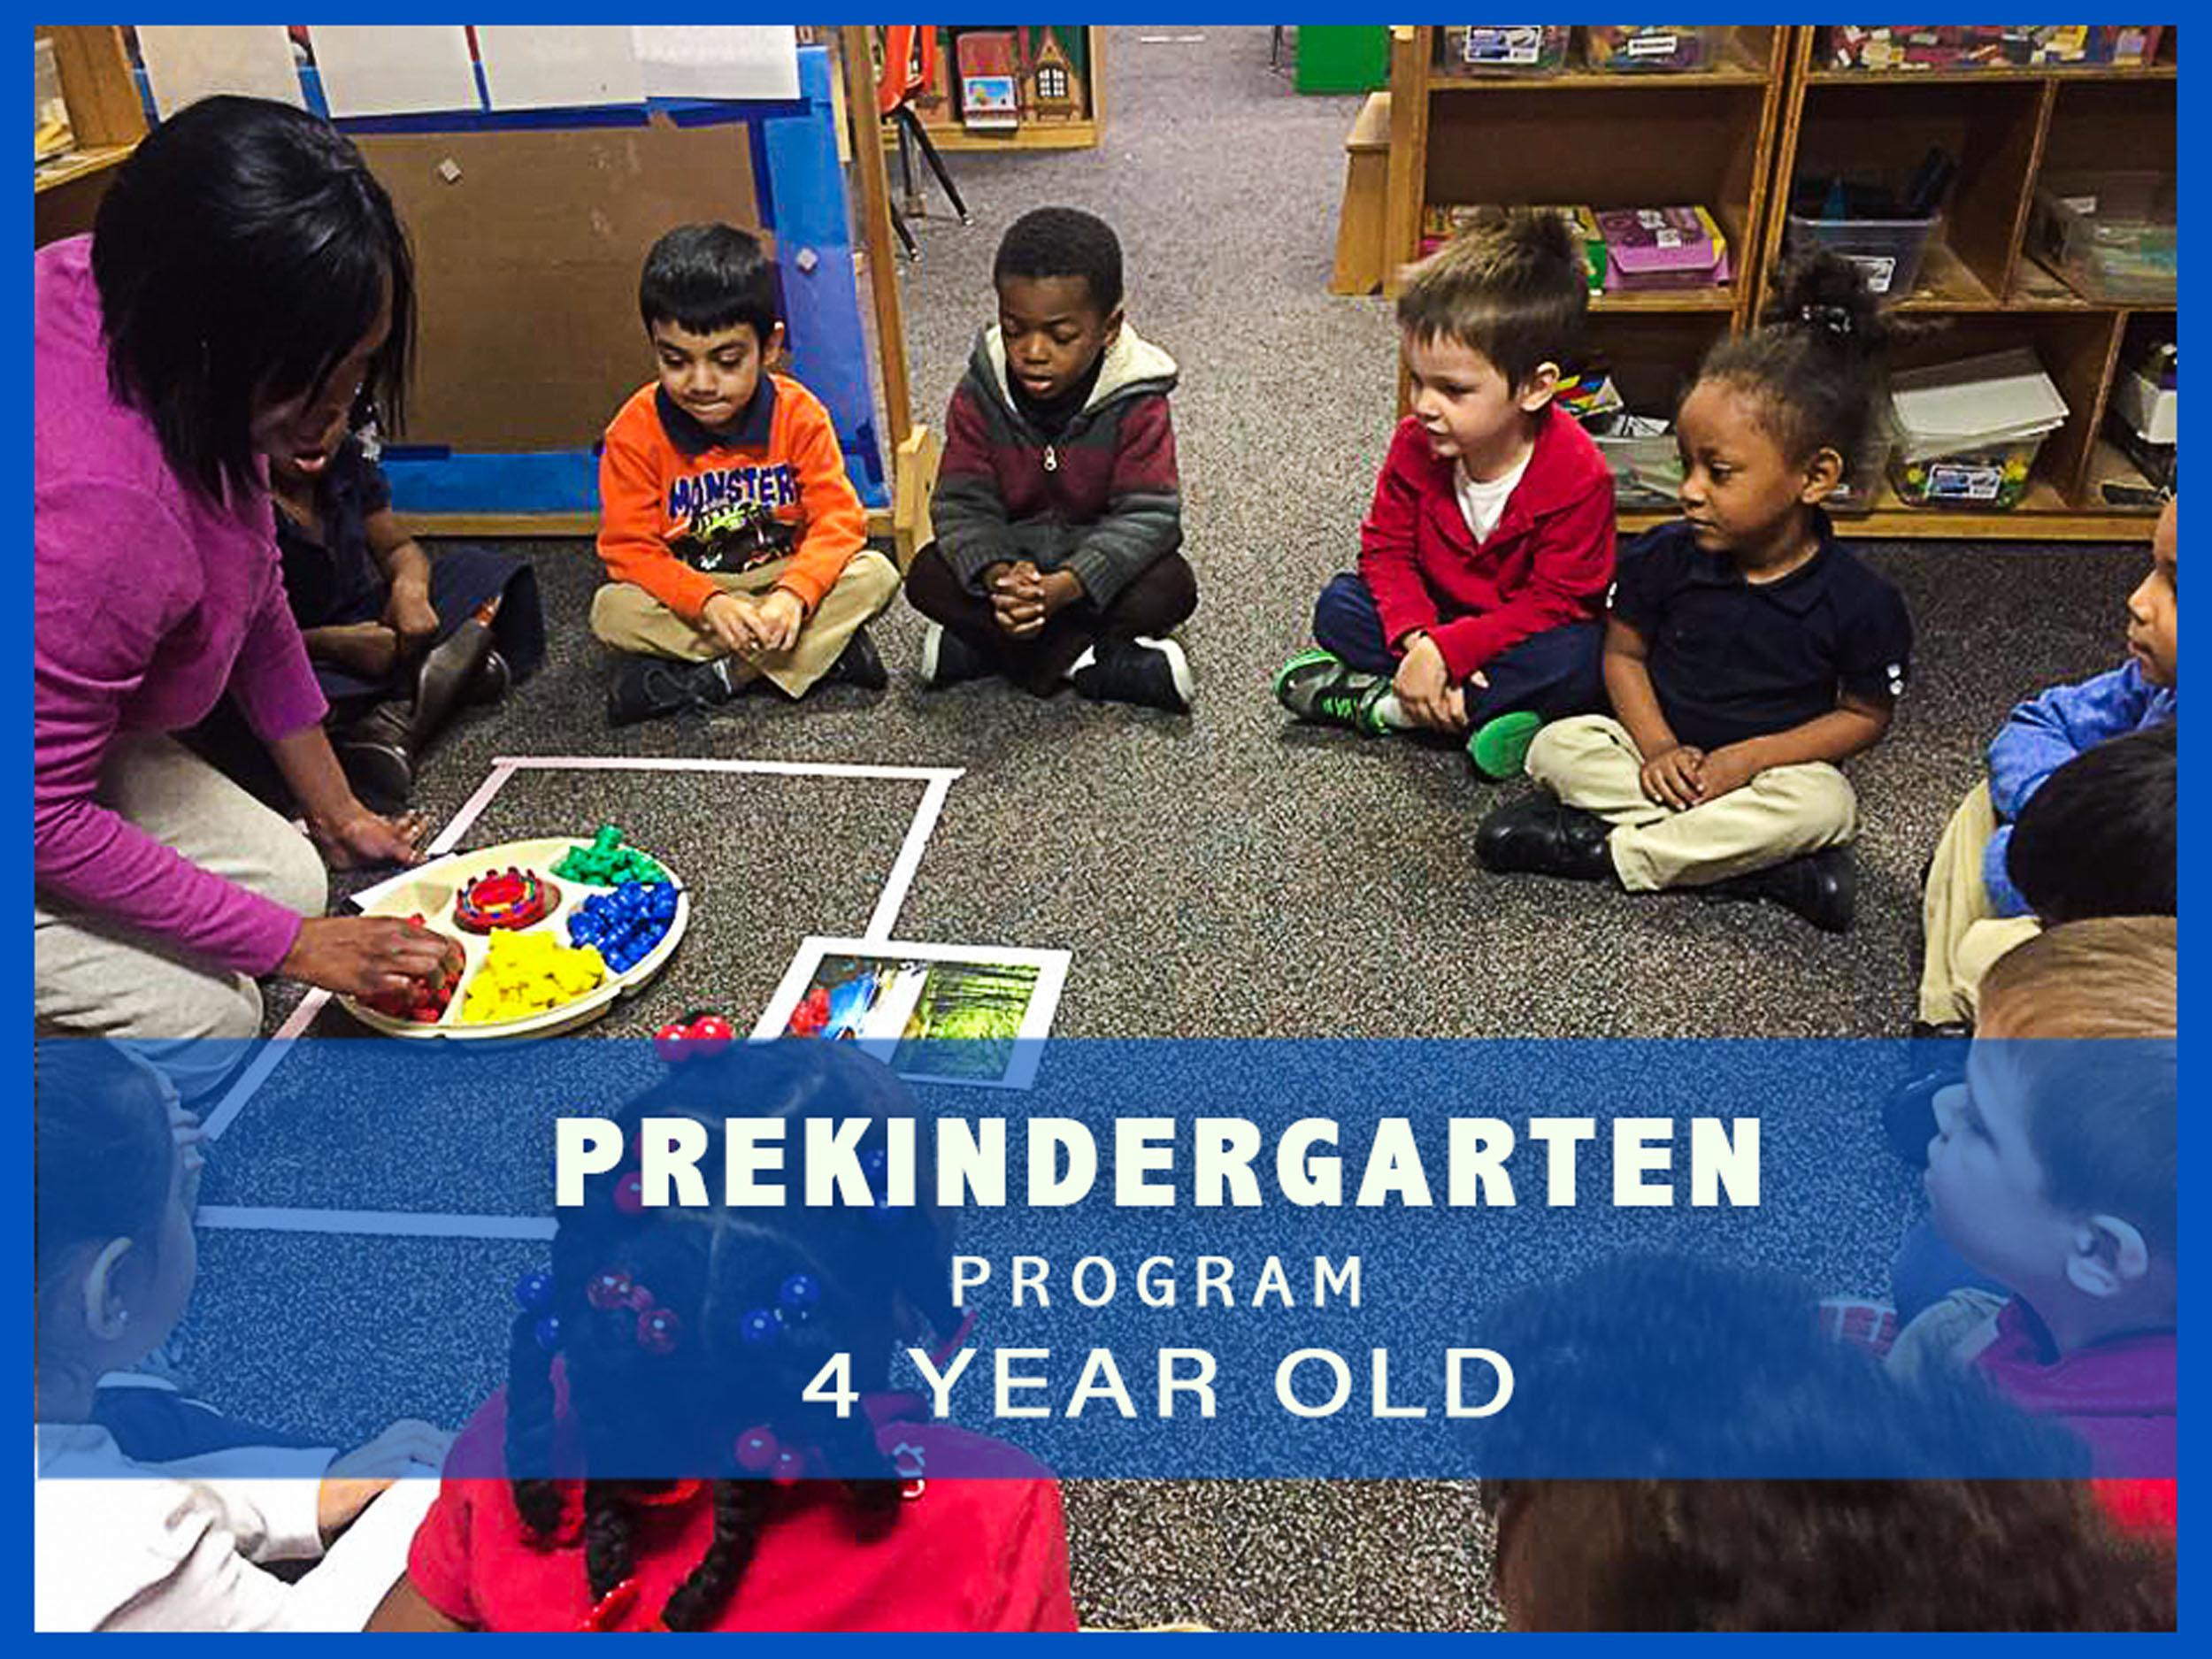 privateschoolkindergarten.jpg